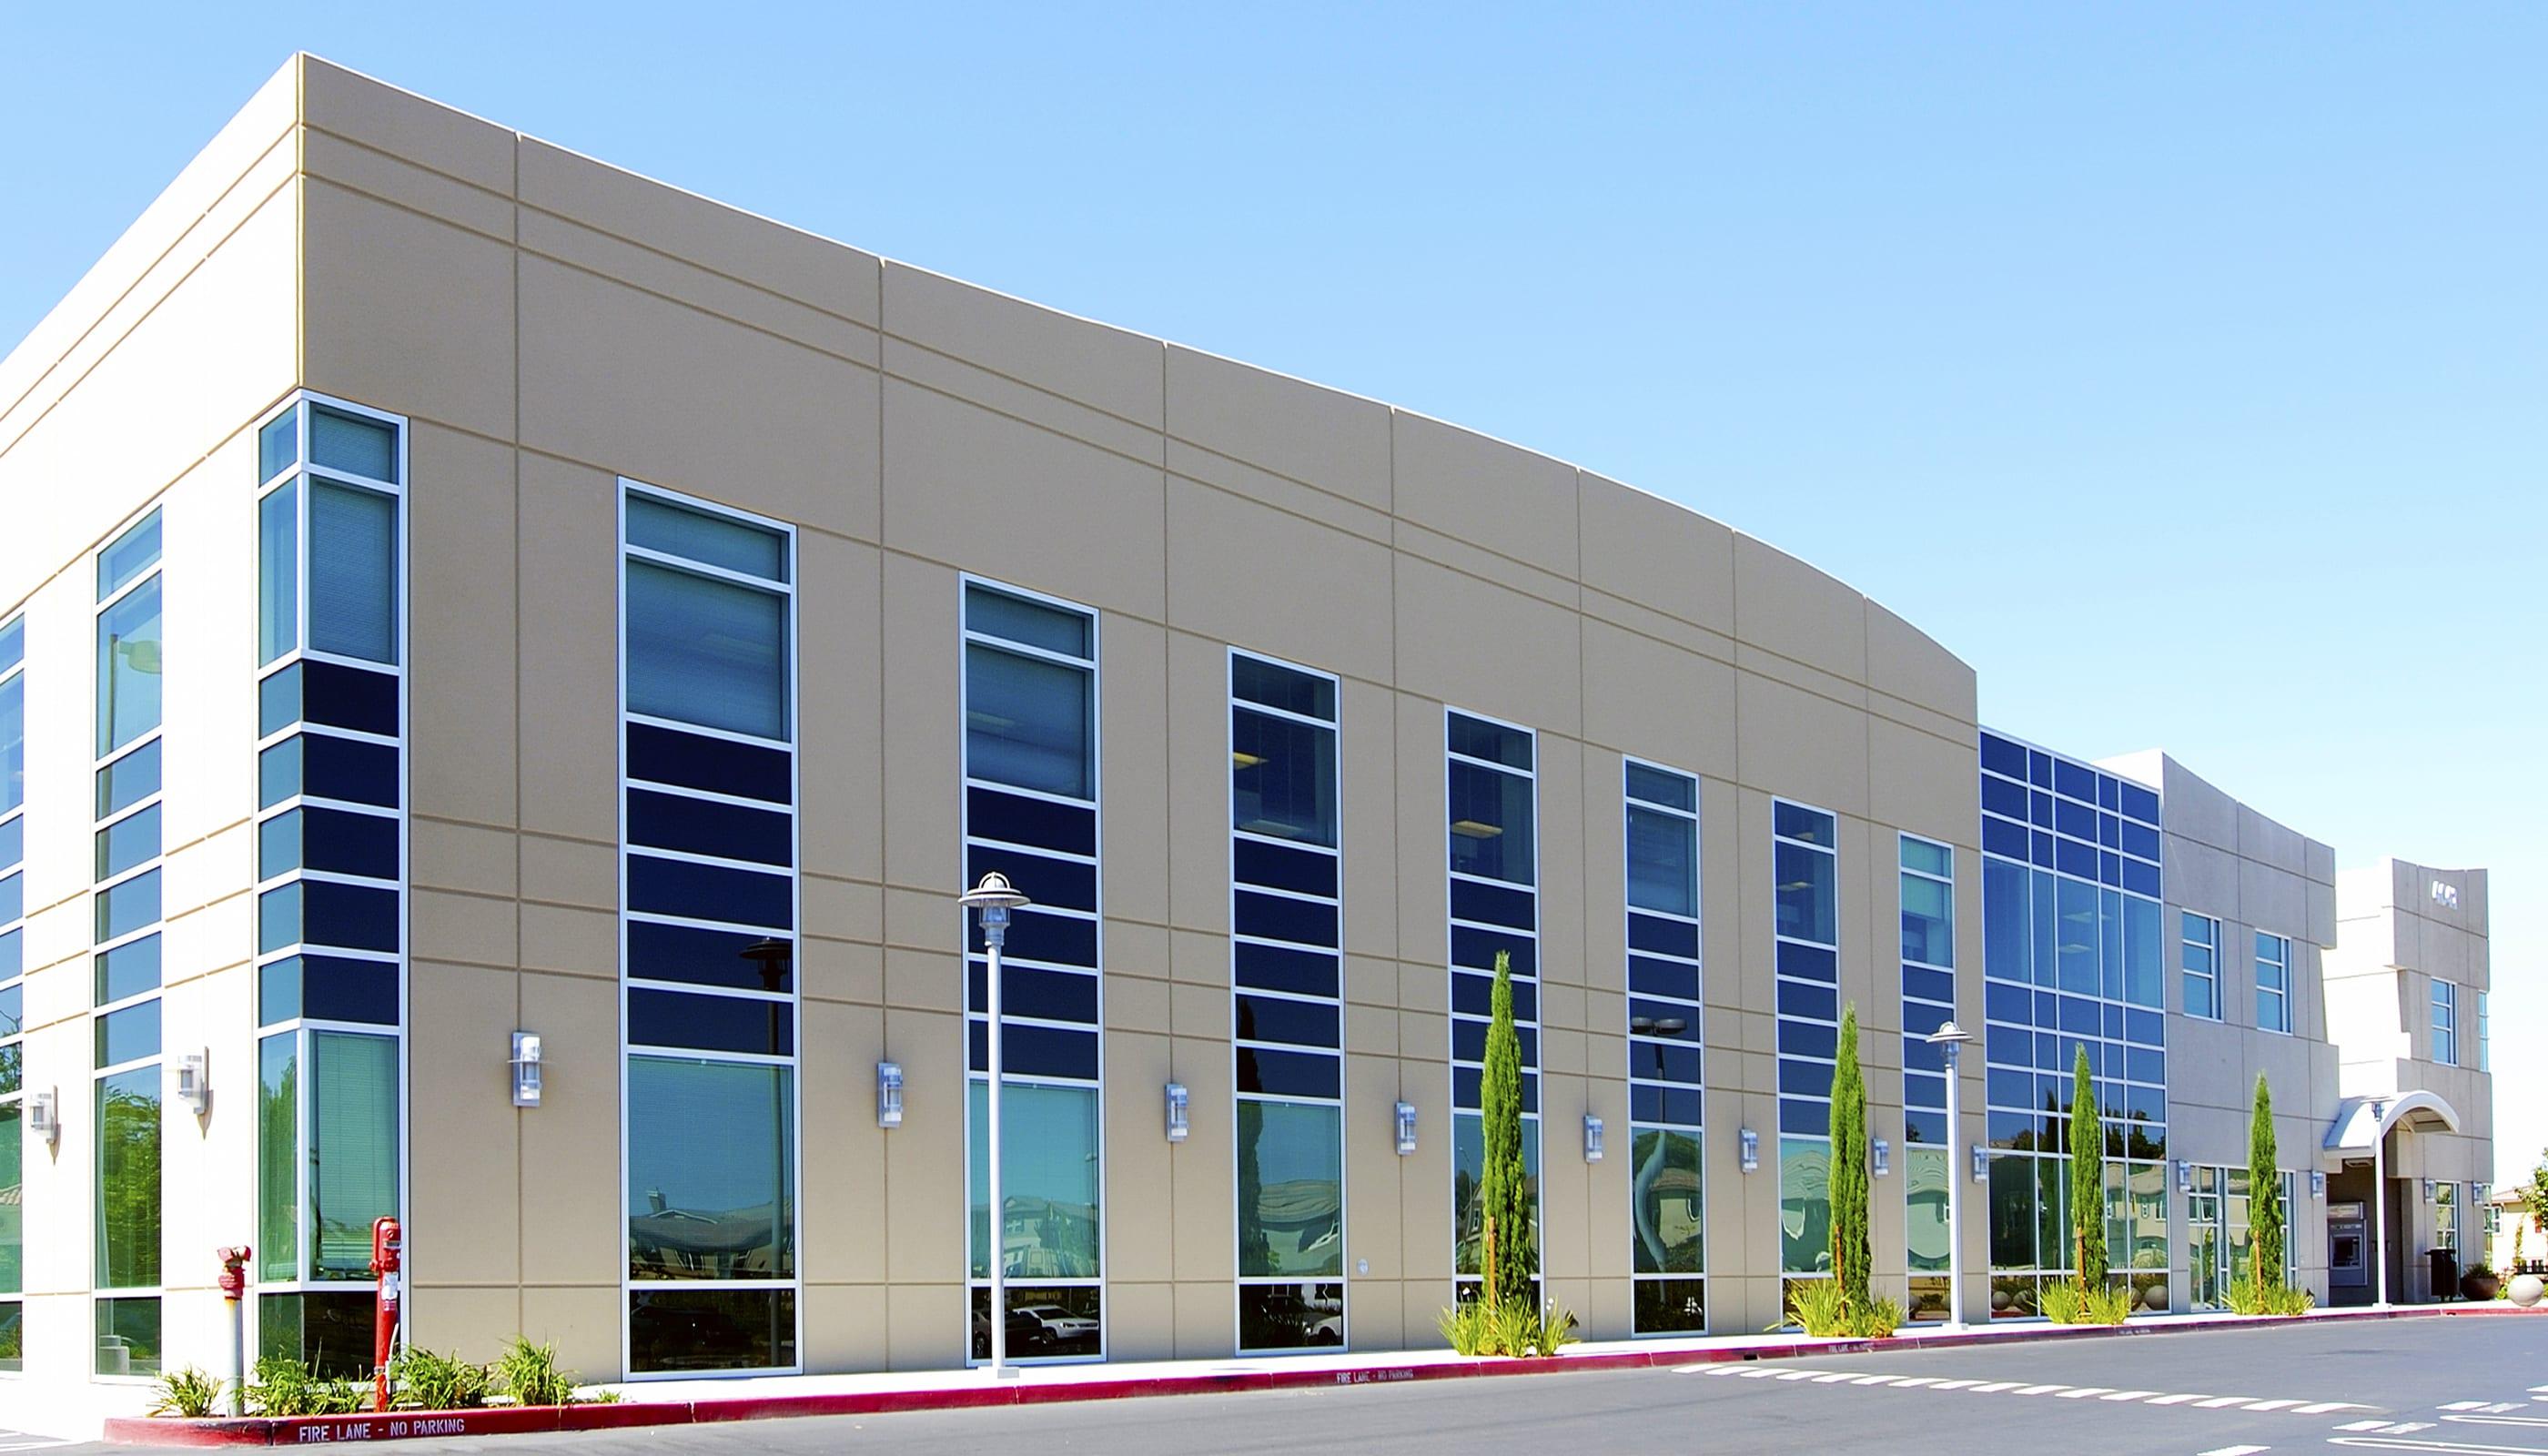 Bluerock Center - Commercial Architecture